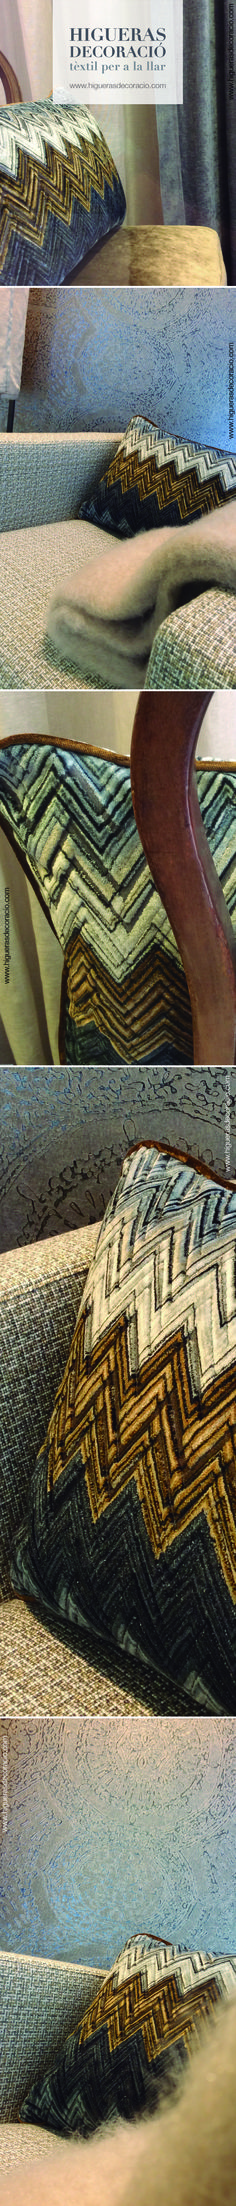 Combina el tapizado de la butaca con el papel pintado de la pared. Añade un plaid de angora a tono y un cojín aterciopelado que amplia la gama cromática del rincón. Espacios con personalidad. www.higuerasdecoracio.com